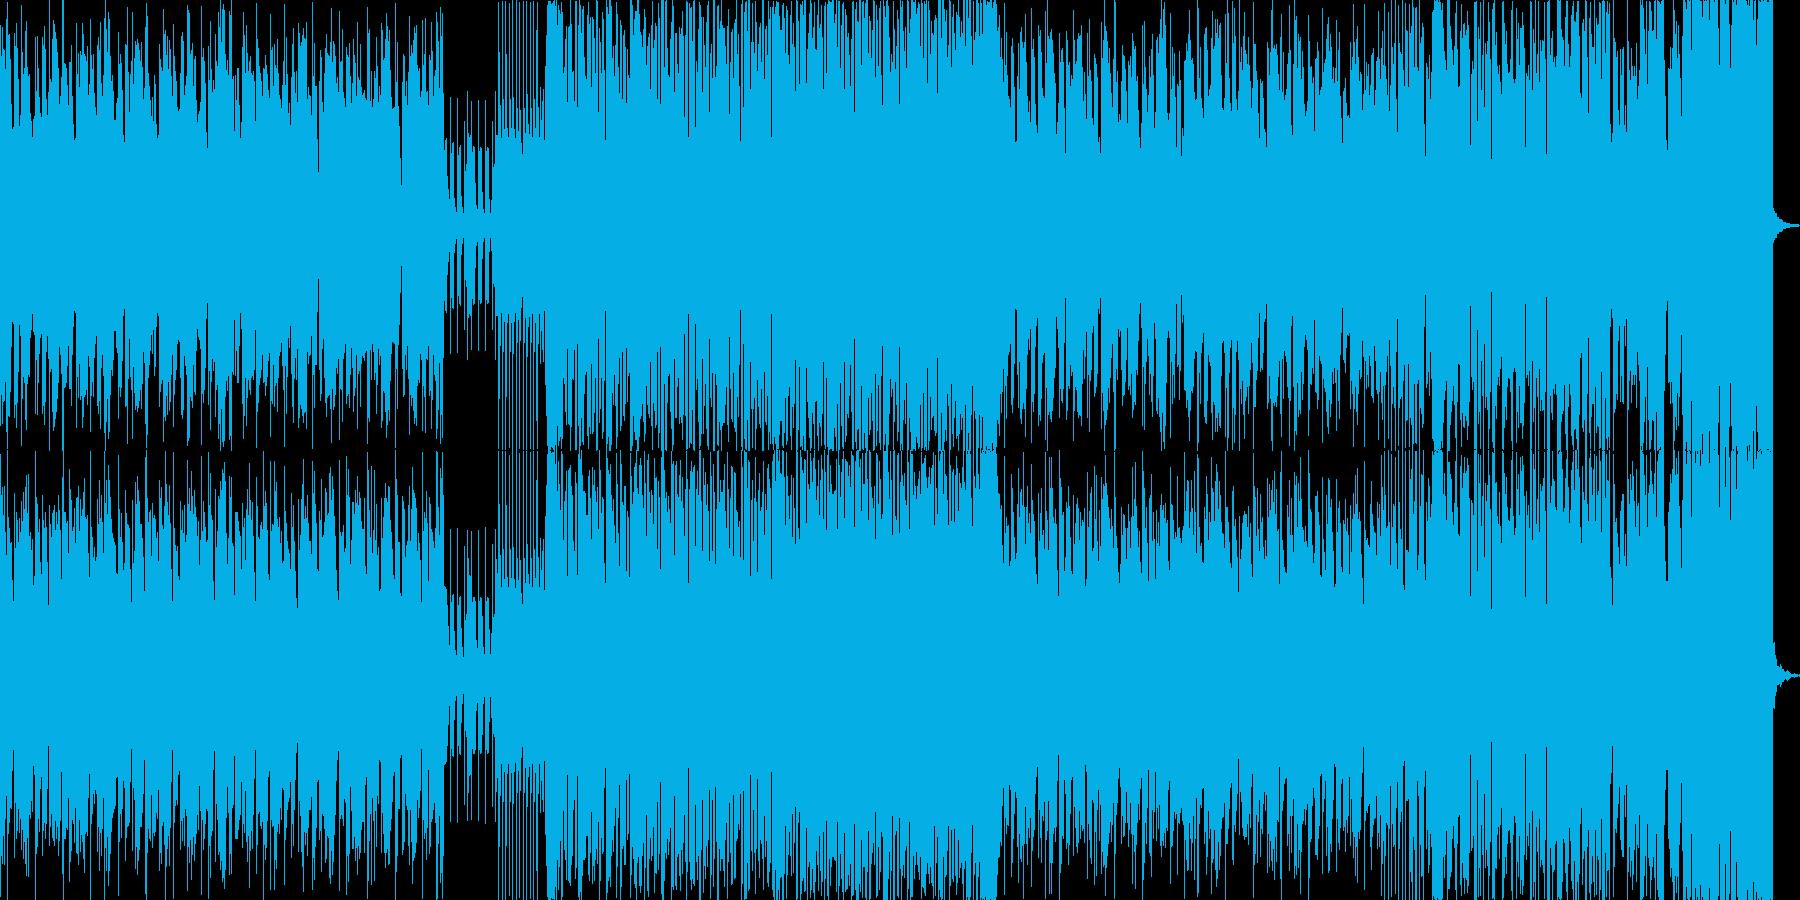 リード系シンセ音のPan振りが特徴的な曲の再生済みの波形